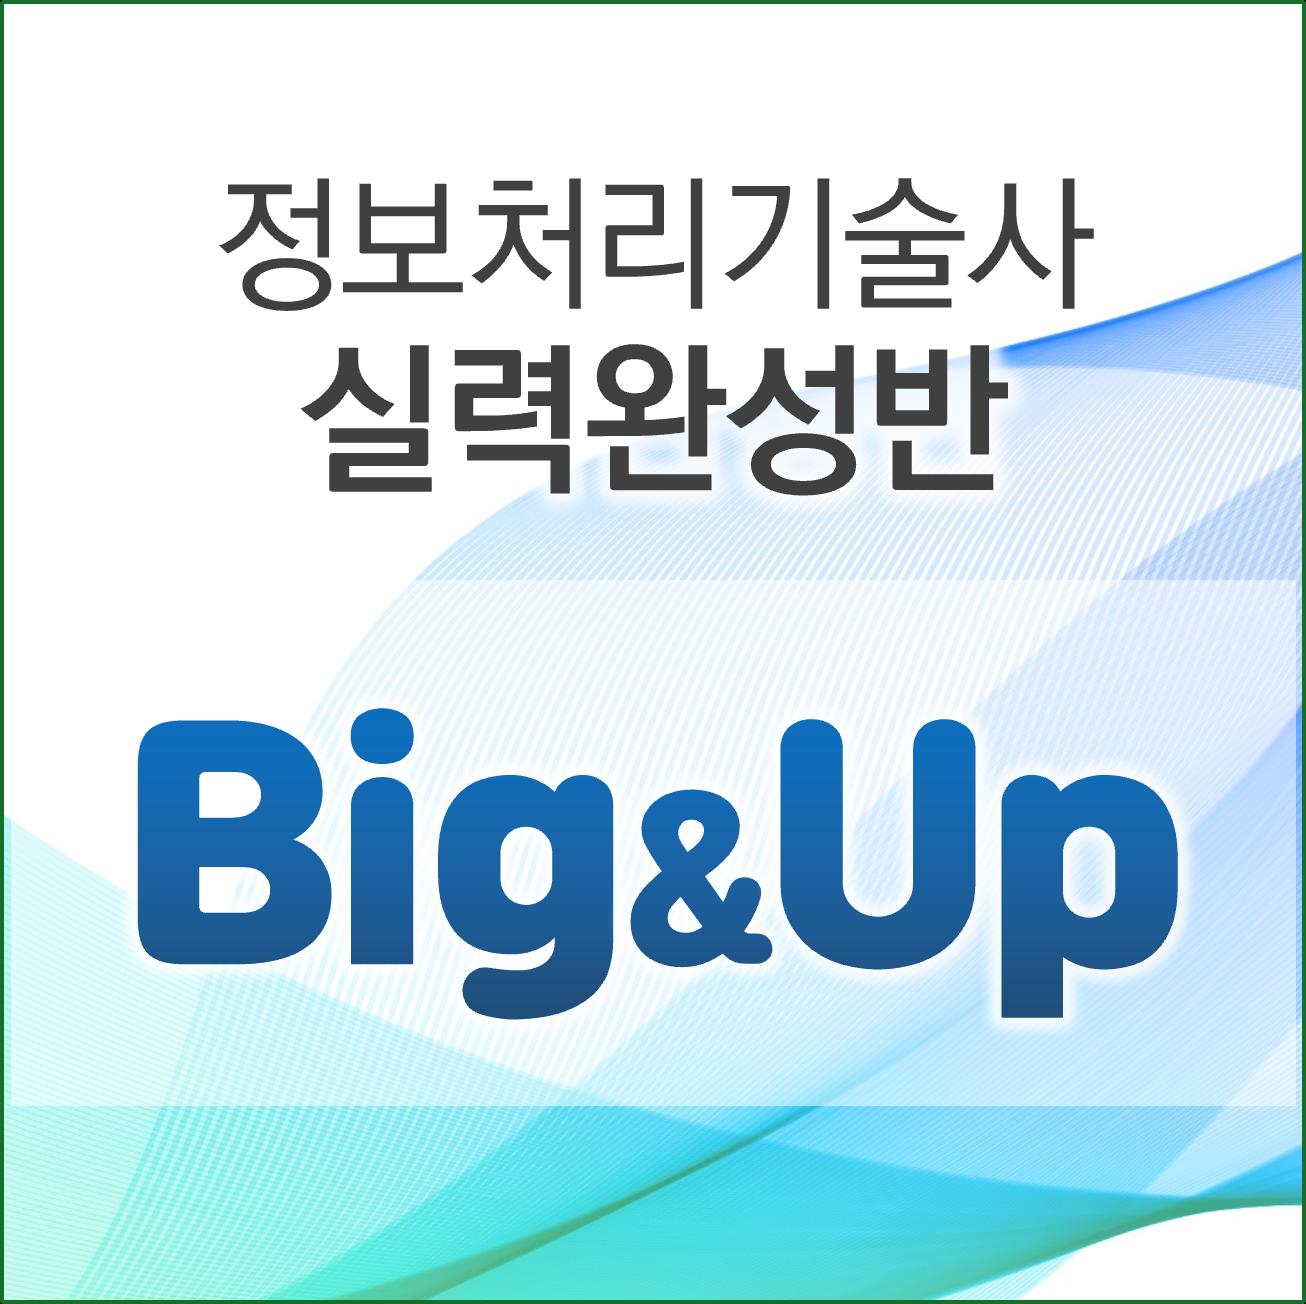 [정보처리기술사-실력완성] 빅업반(최우슬PE)